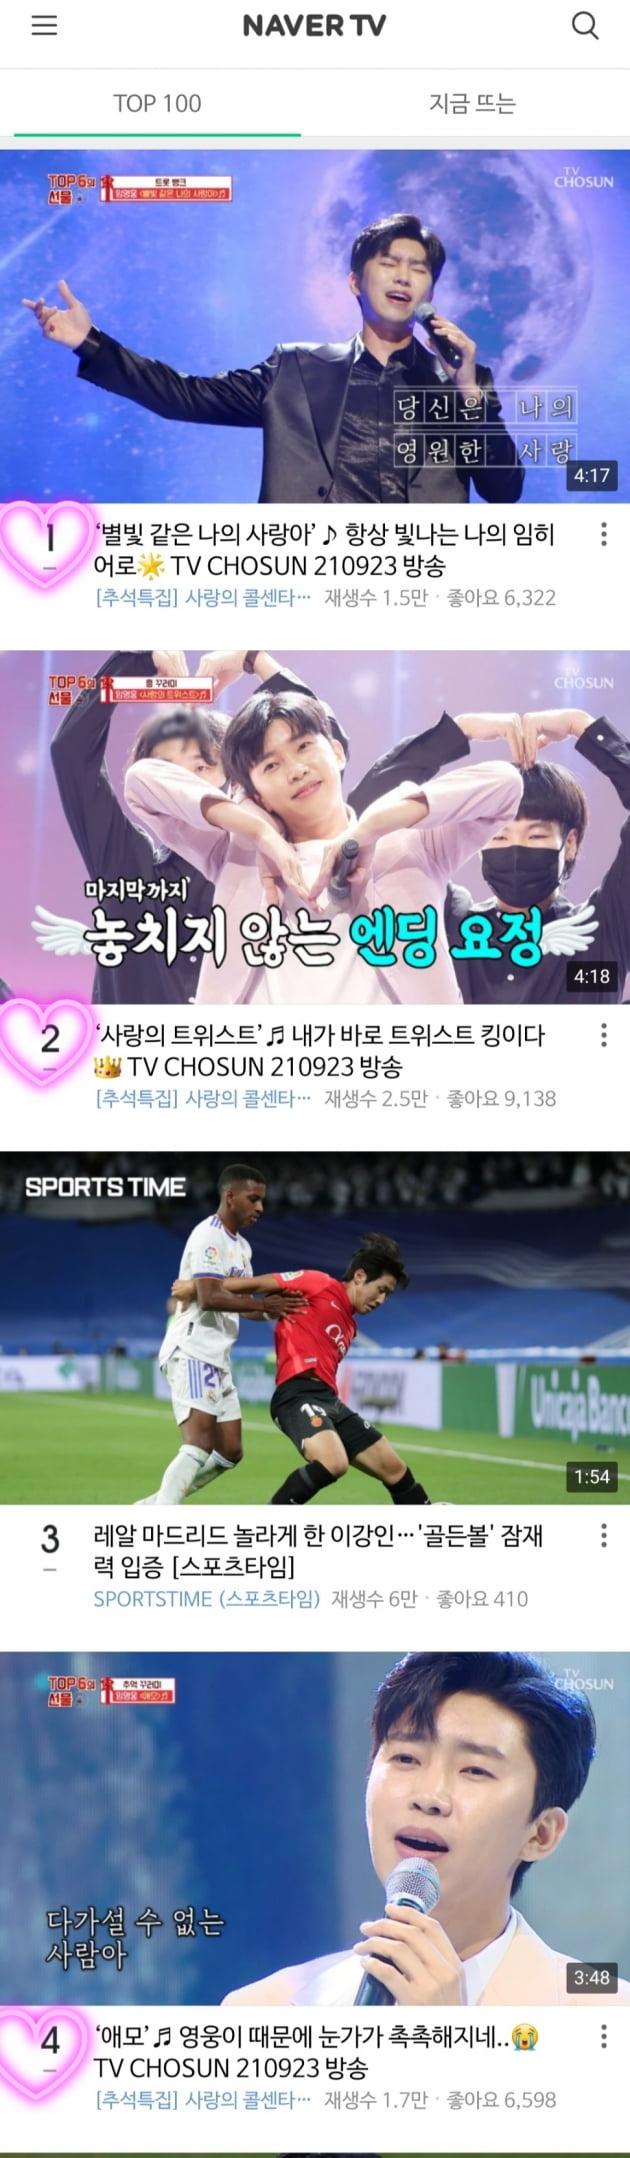 임영웅, 네이버 TV TOP 100 차트 1·2, 4위 차지..데일 것 같은 뜨거운 인기